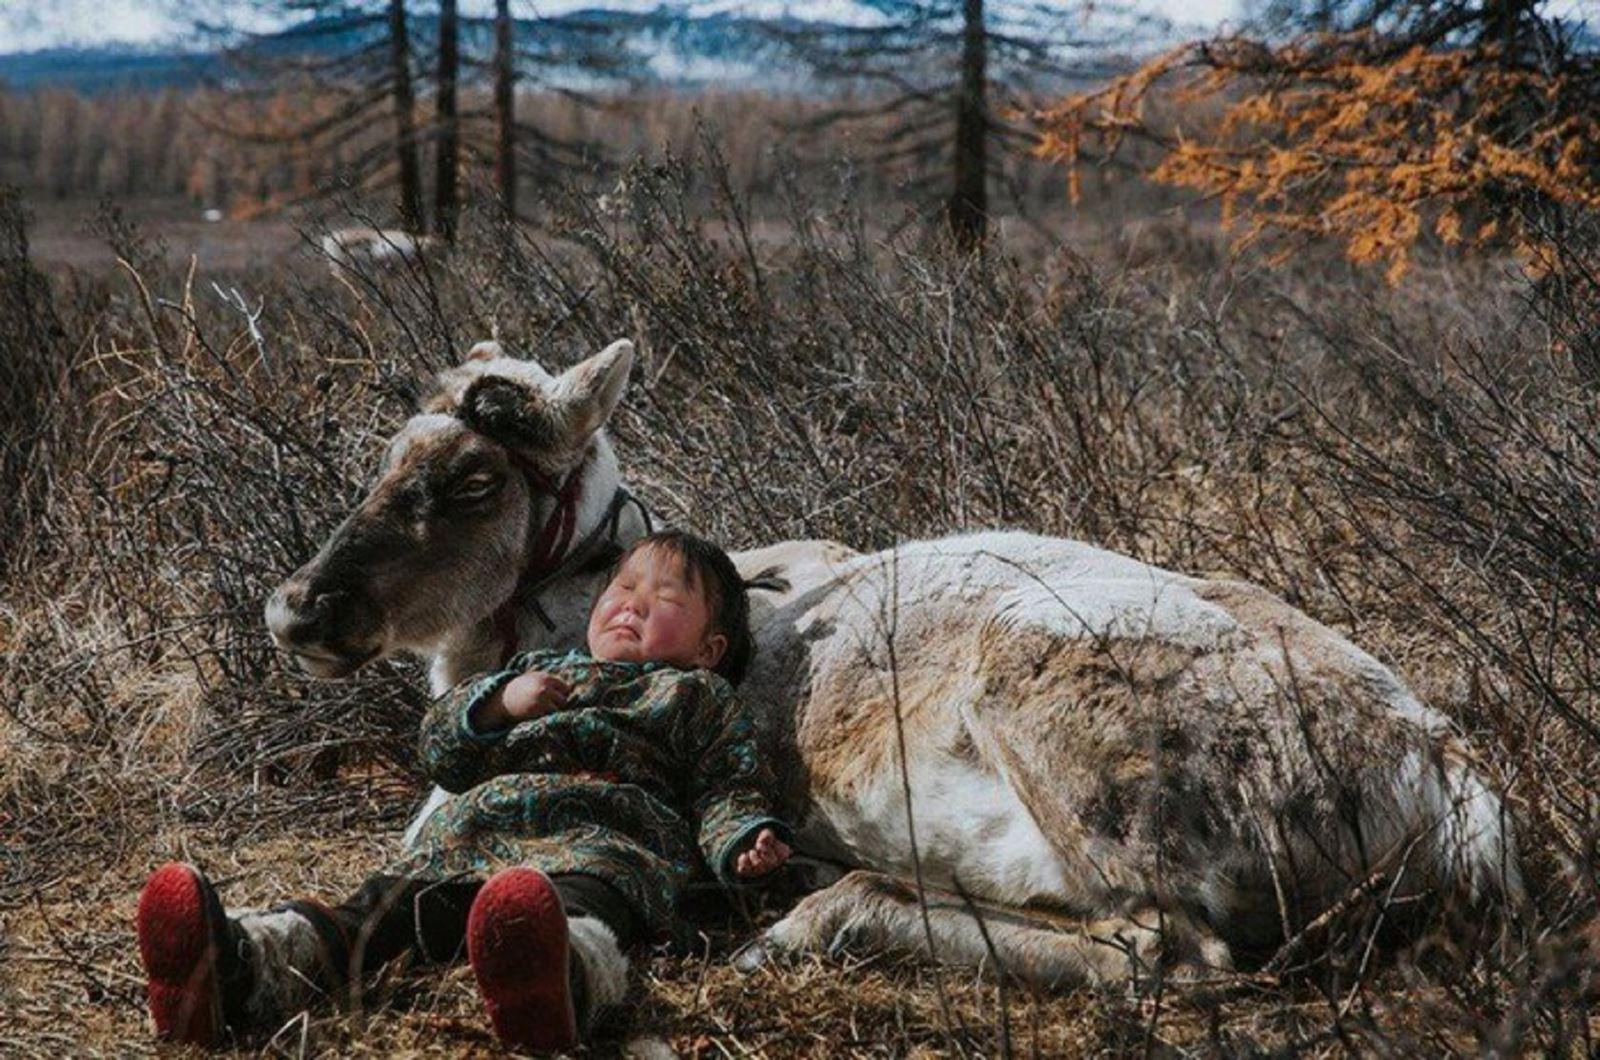 Bộ ảnhtốt nghiệp độc đáo của thủ khoa vàá khoa Sân khấu Điện ảnh: Chi 100 triệu, vượt 8000km giữa thời tiết -30 độ đến Mông Cổ